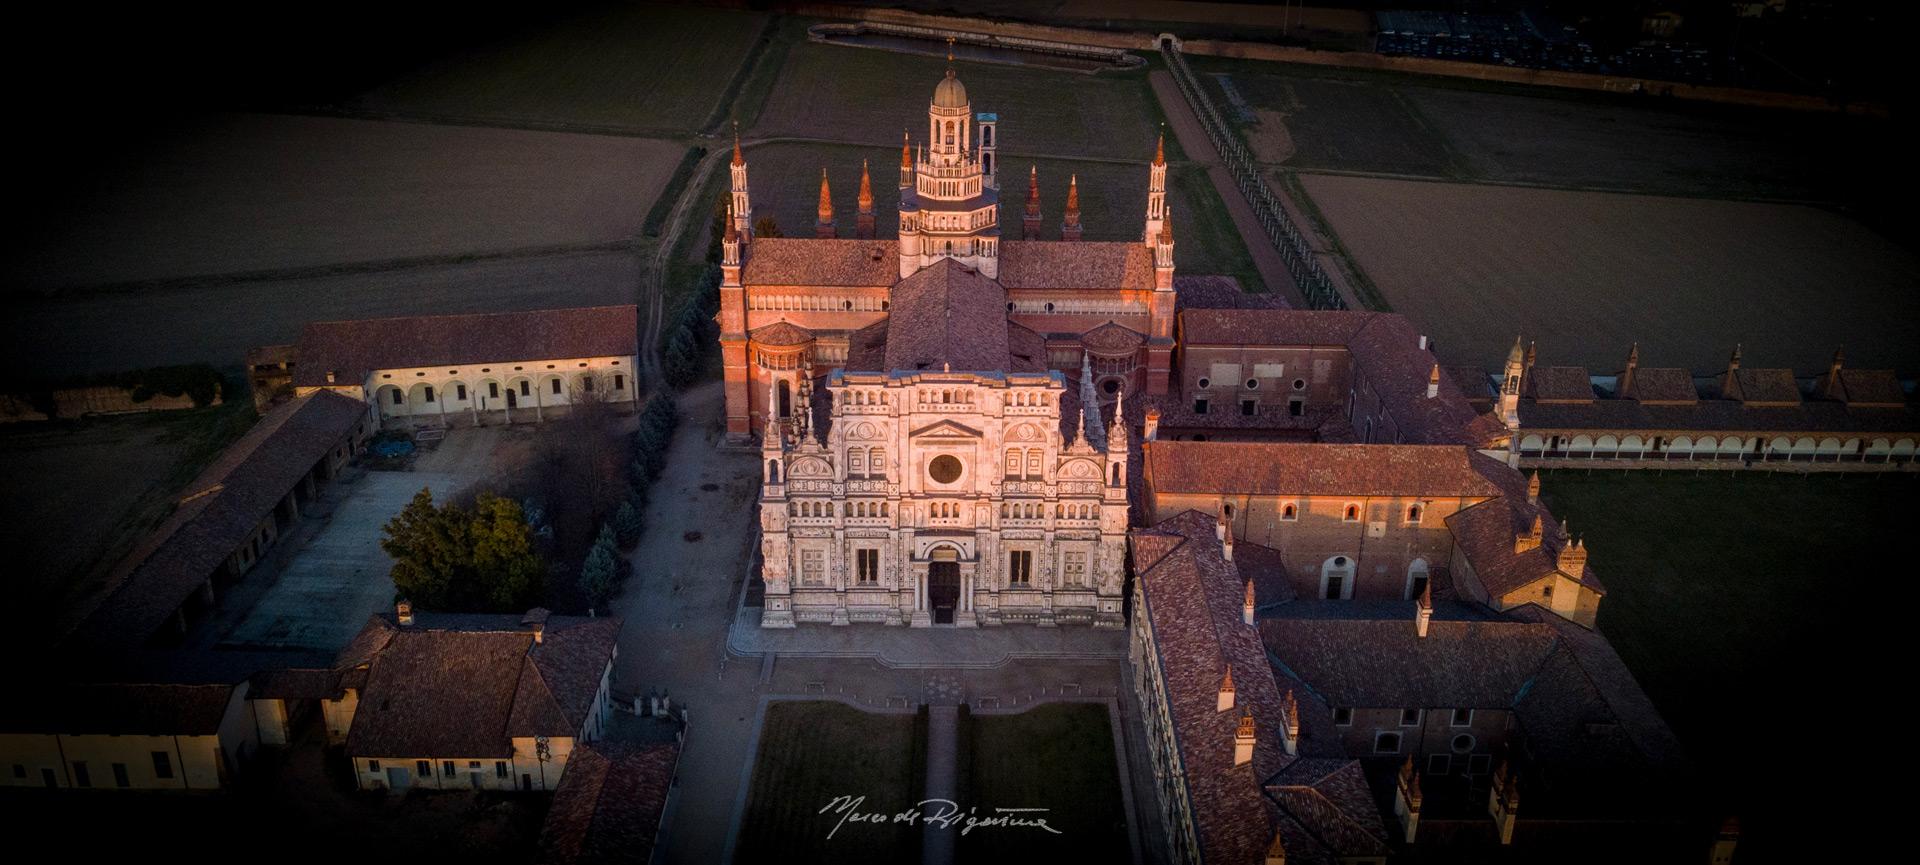 esperienza drone immagine portfolio turismo promozione territorio italia antiche residenze castelli alberghi hotel b&b.jpg